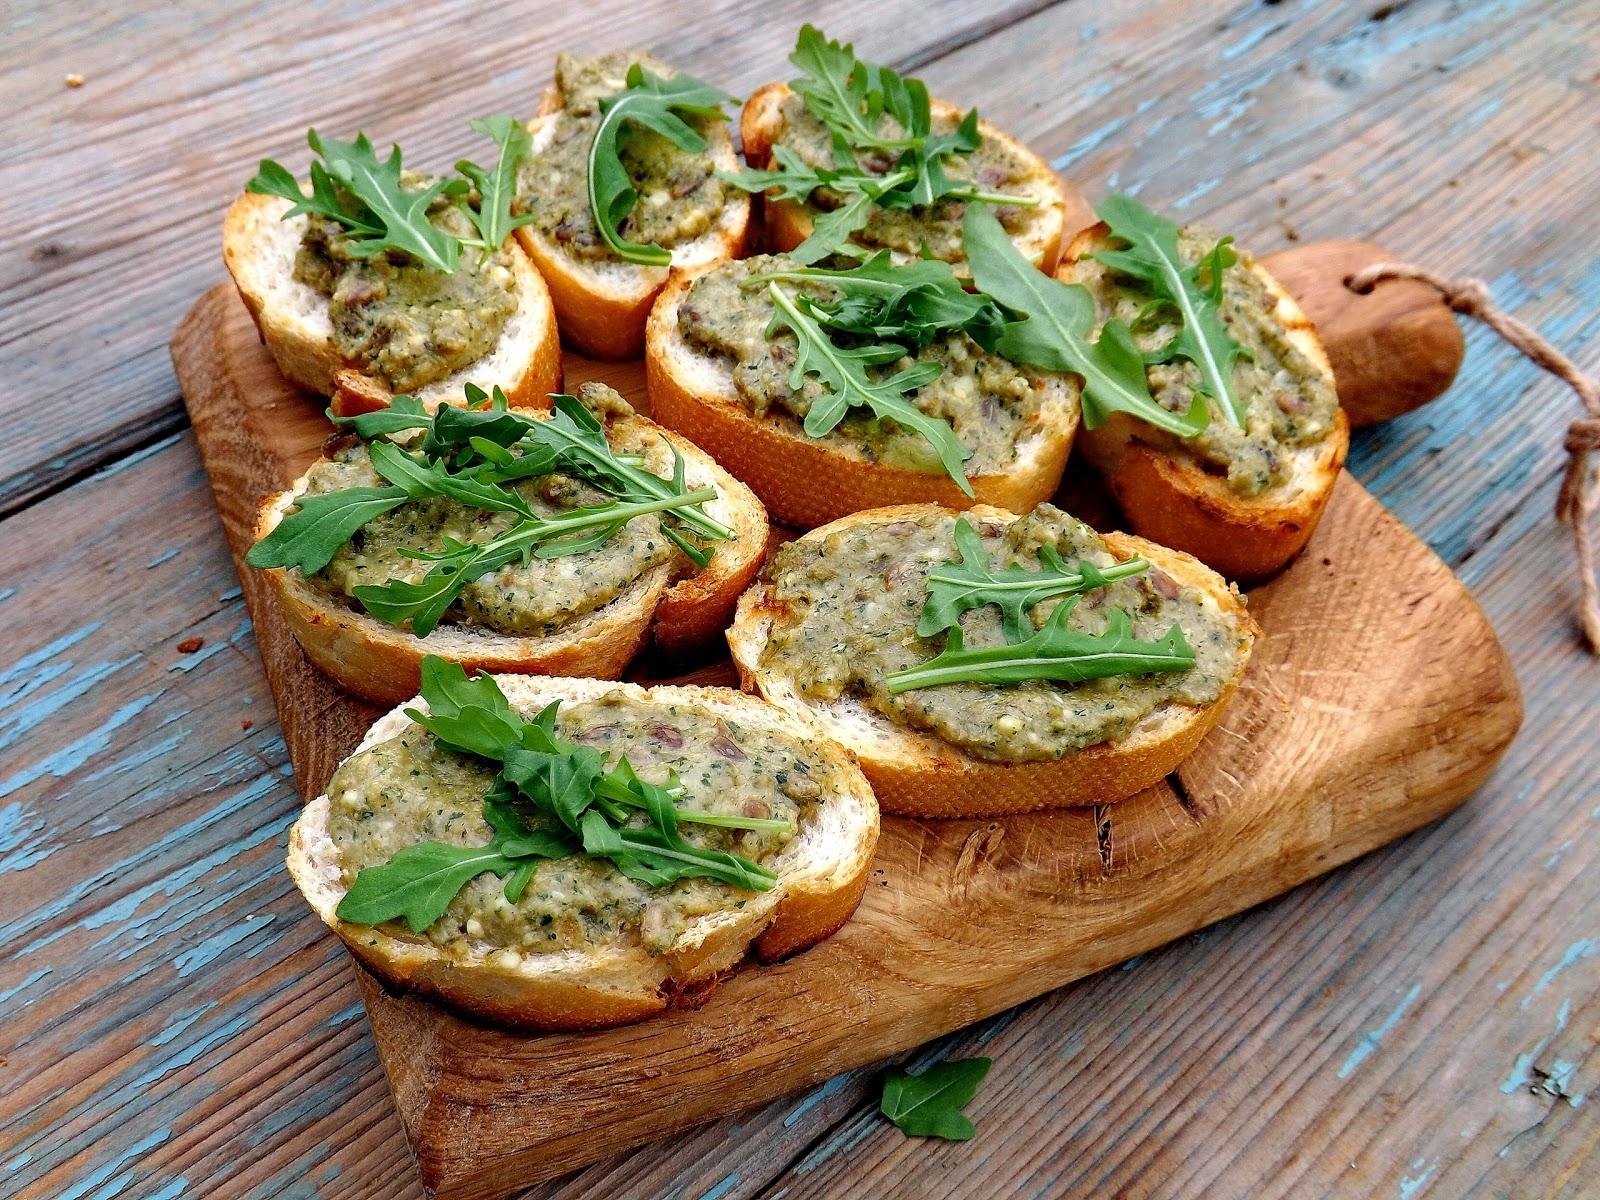 Grillowane bagietki z pastą oliwkową z kaparami i camembert